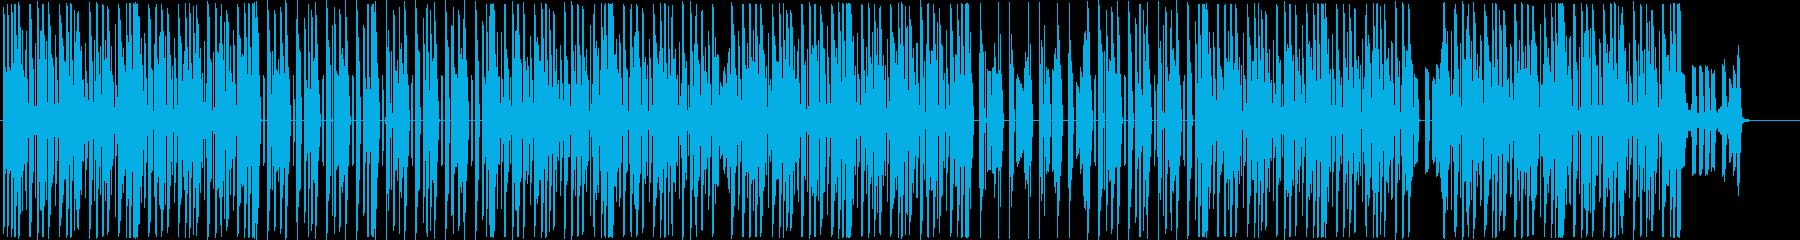 トラップ、ヒップホップ、ダークビート♪の再生済みの波形